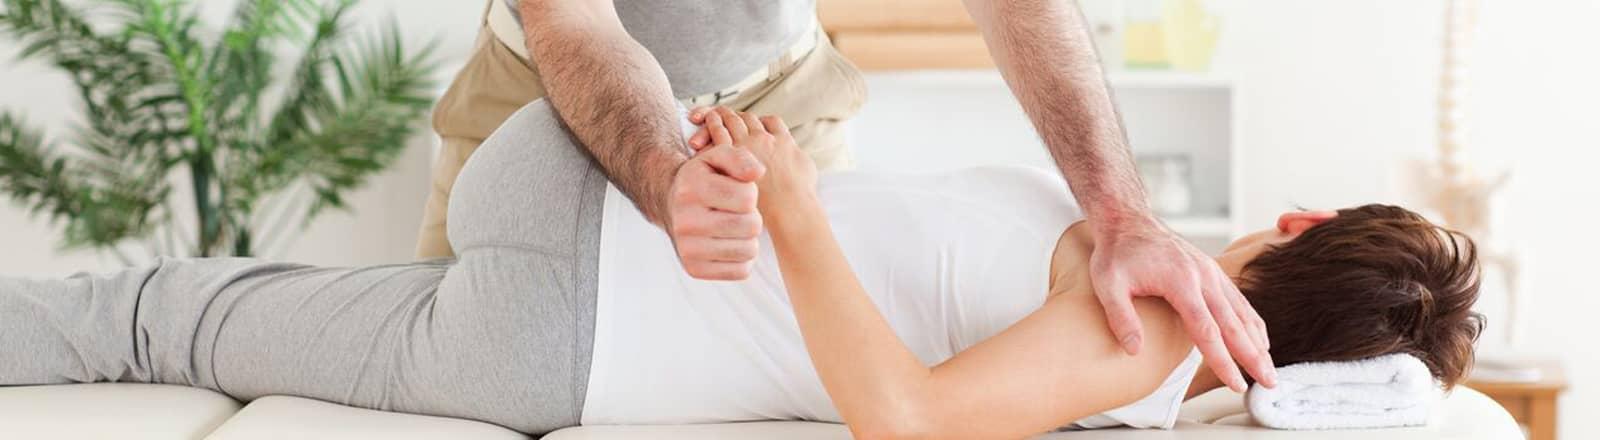 osteopatia atm